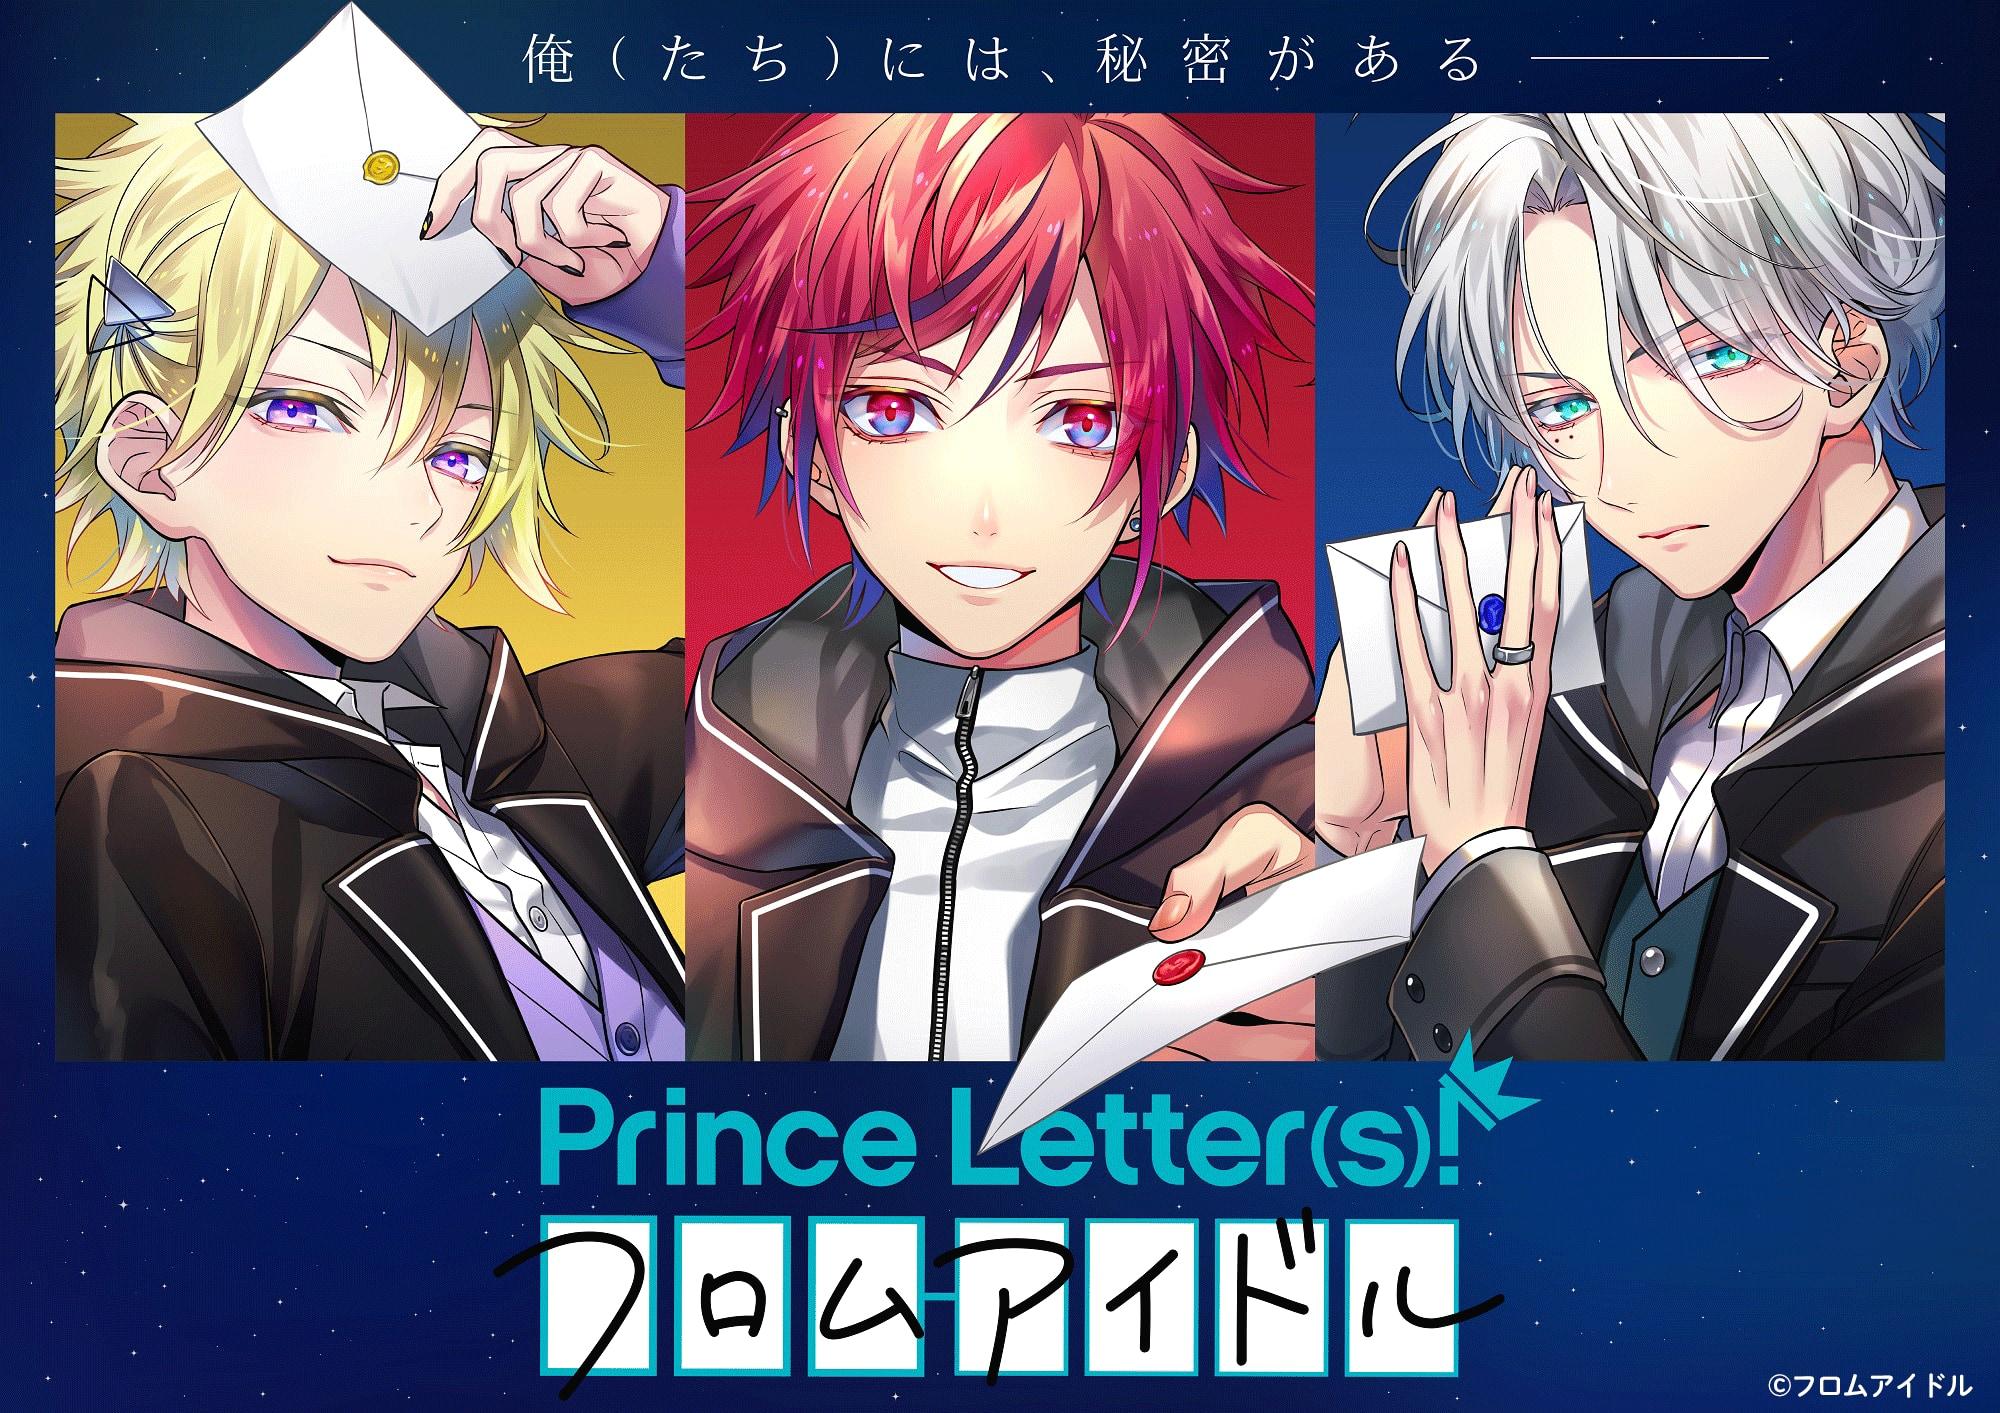 文通もできる男性アイドルプロジェクト「Prince Letter(s)! フロムアイドル」始動!キャストに土田玲央さん・土岐隼一さん・堀江瞬さん